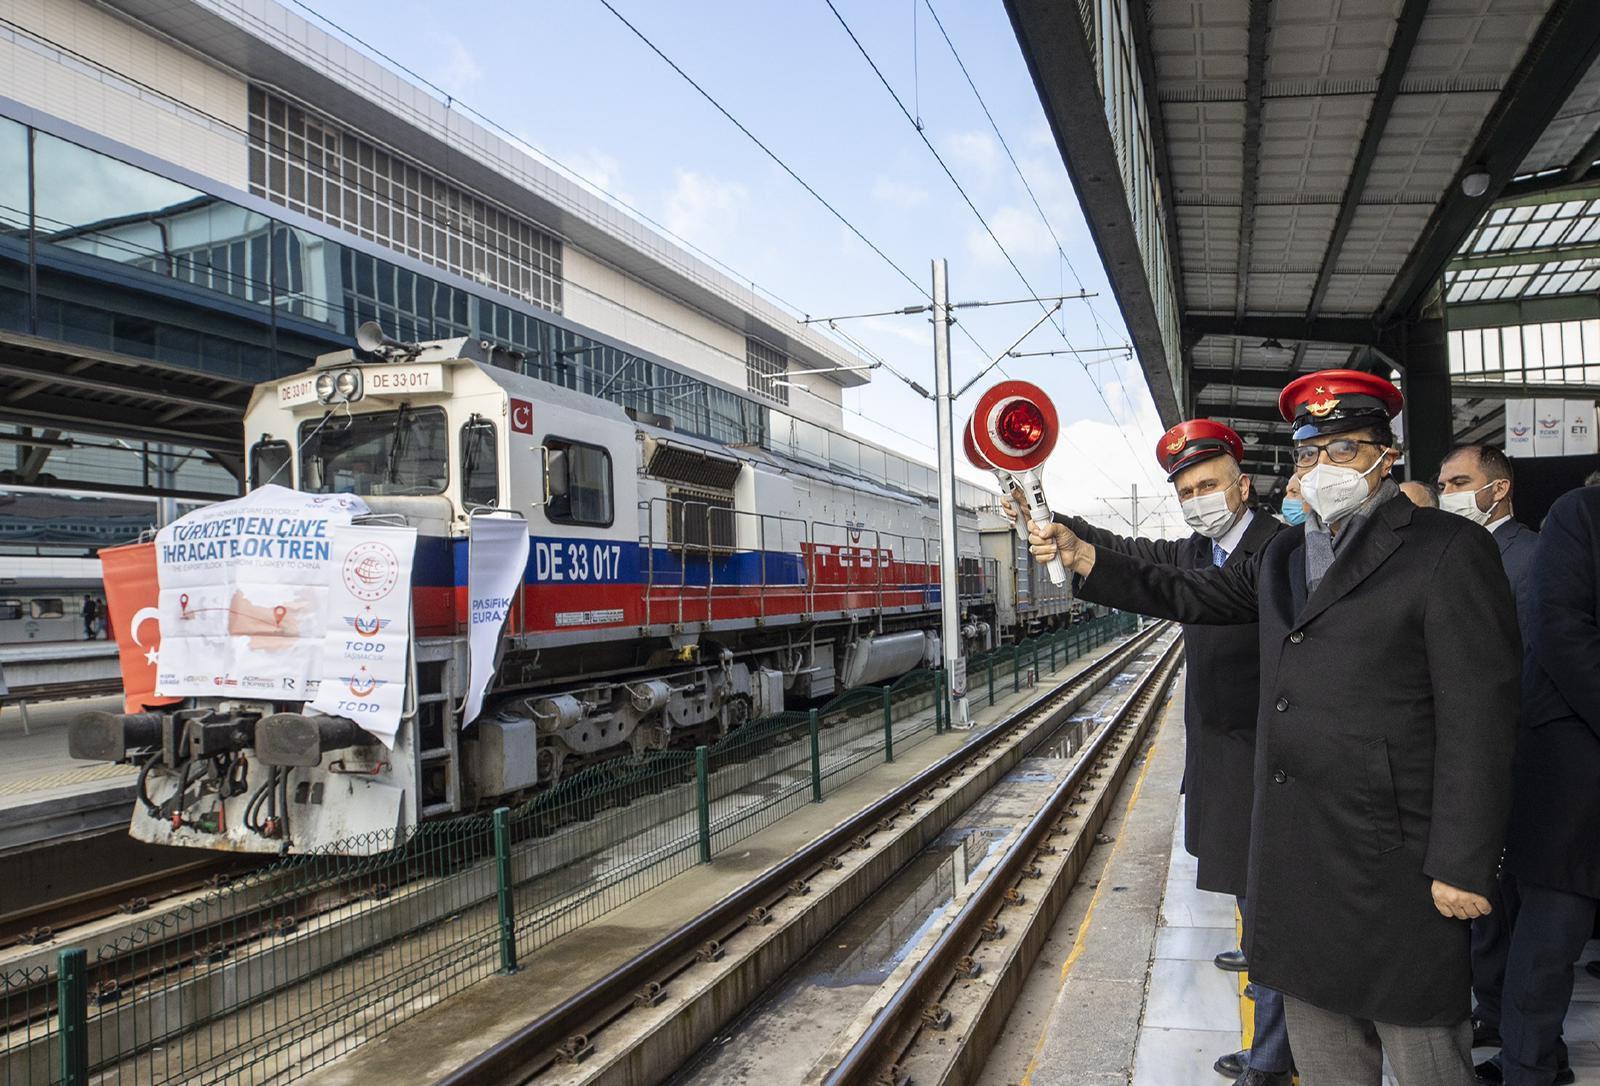 Bor ihracat treni Çin'e doğru yola çıktı!..